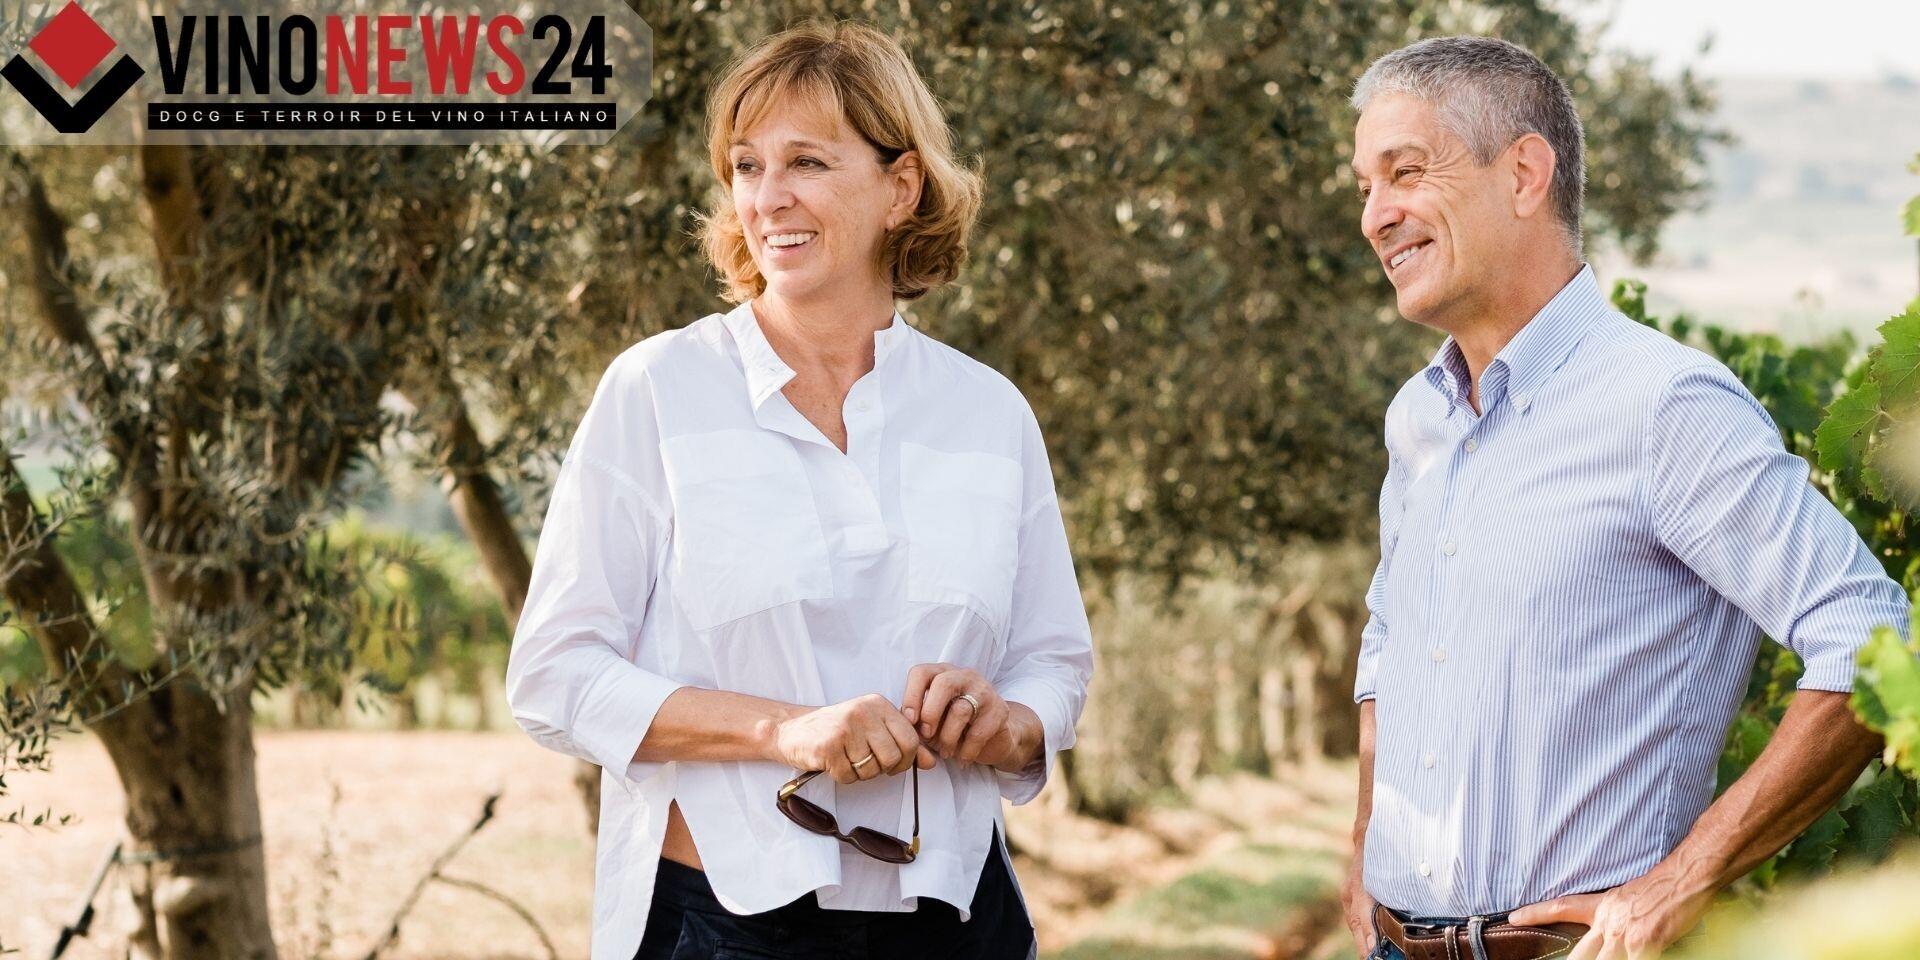 Un sogno green dei due fratelli - VinoNews24